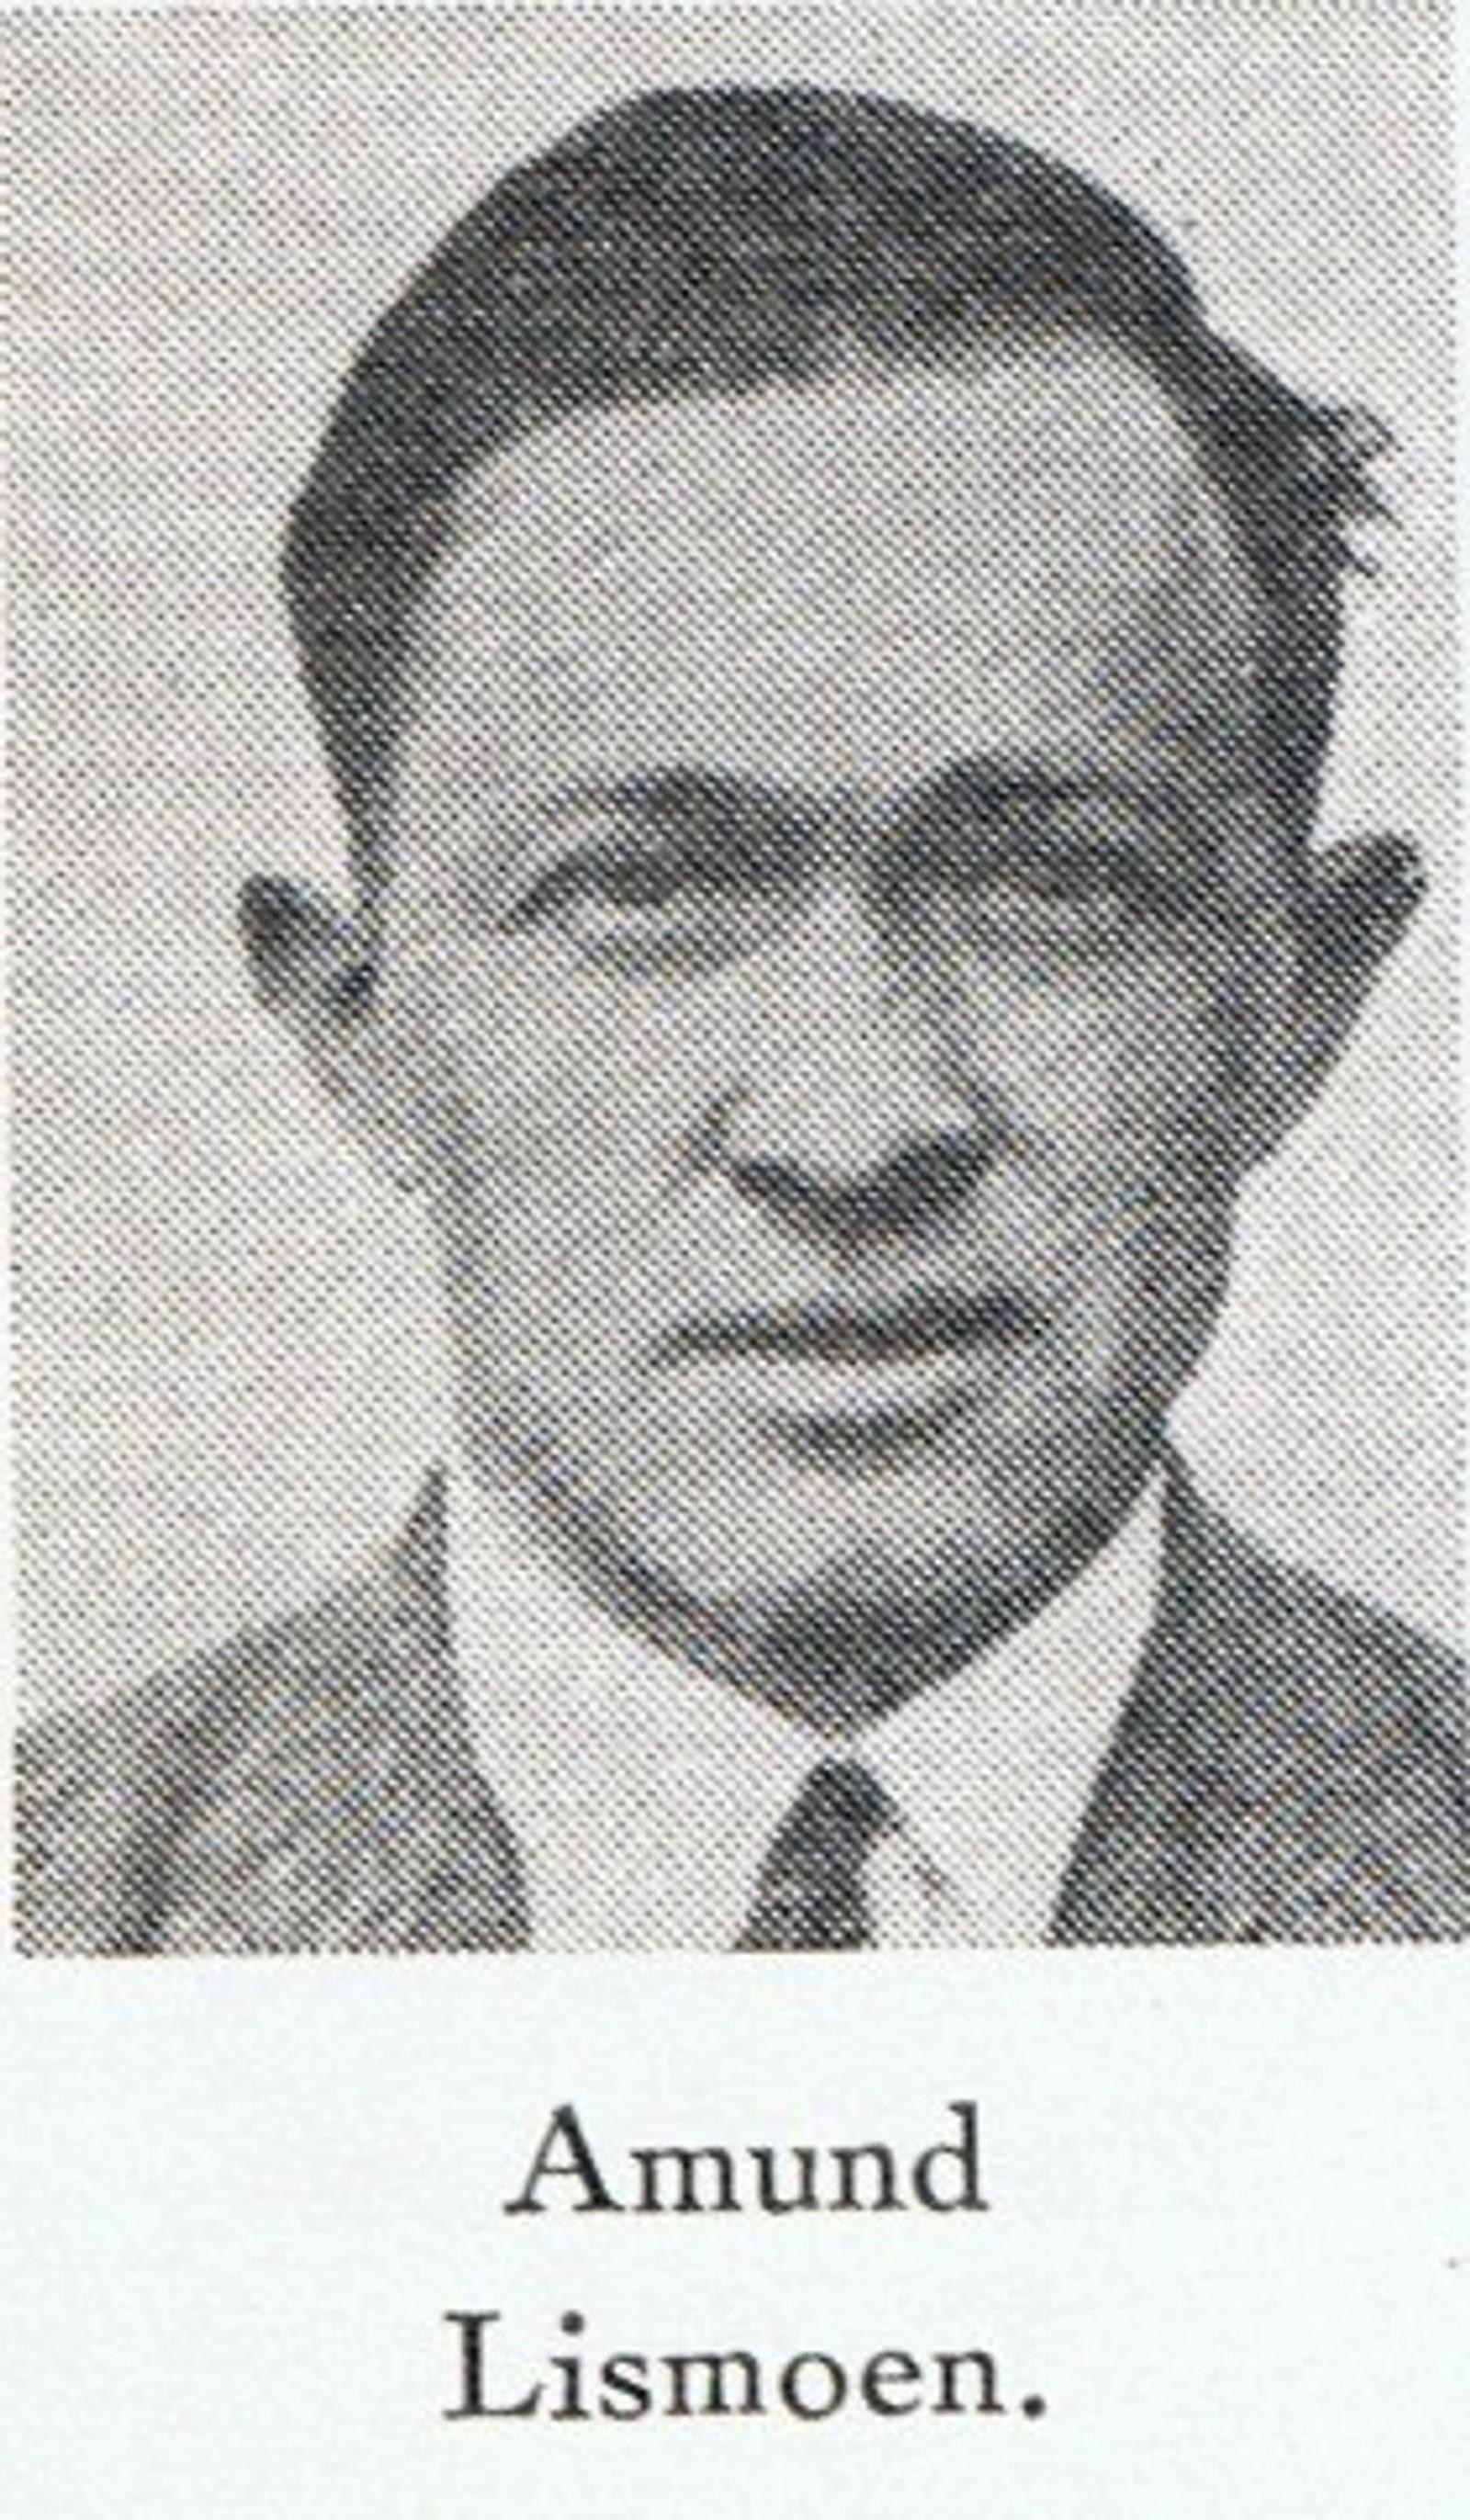 Amund Lismoen: Bilmekaniker fra Grue. Var på veg for å slutte seg til de norske styrkene da han døde under flyangrepet.